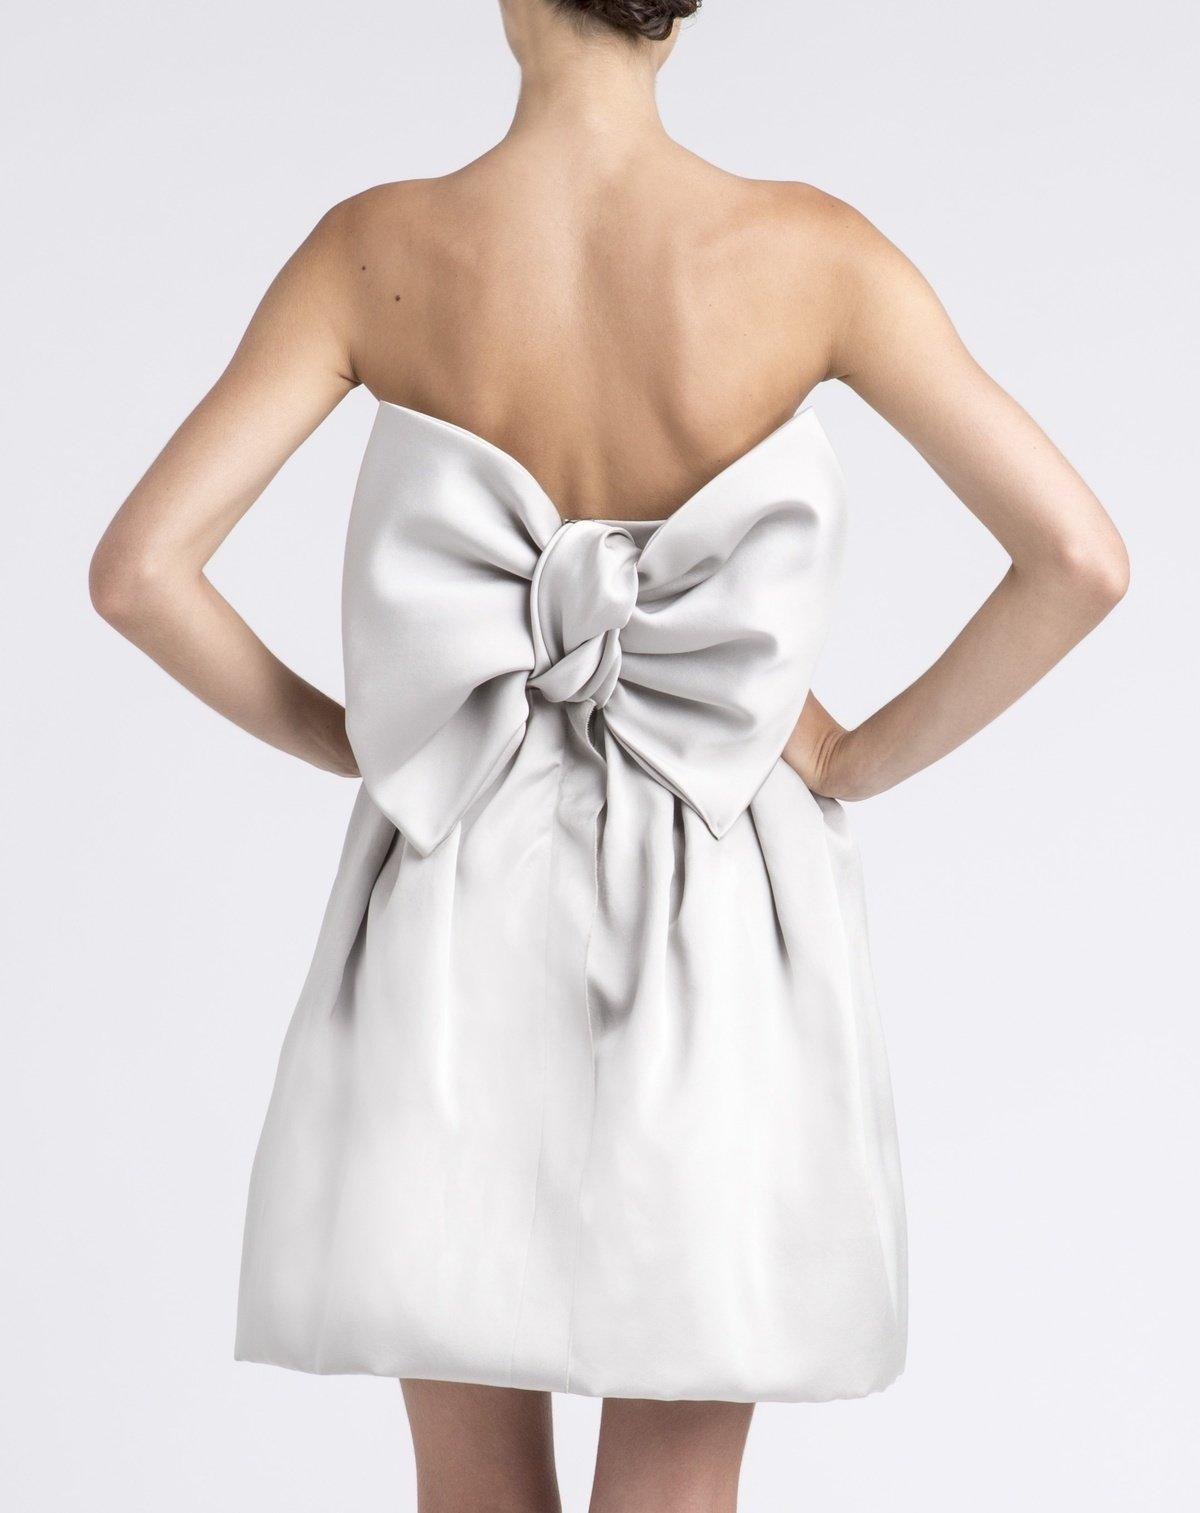 короткое платье с бантом фото